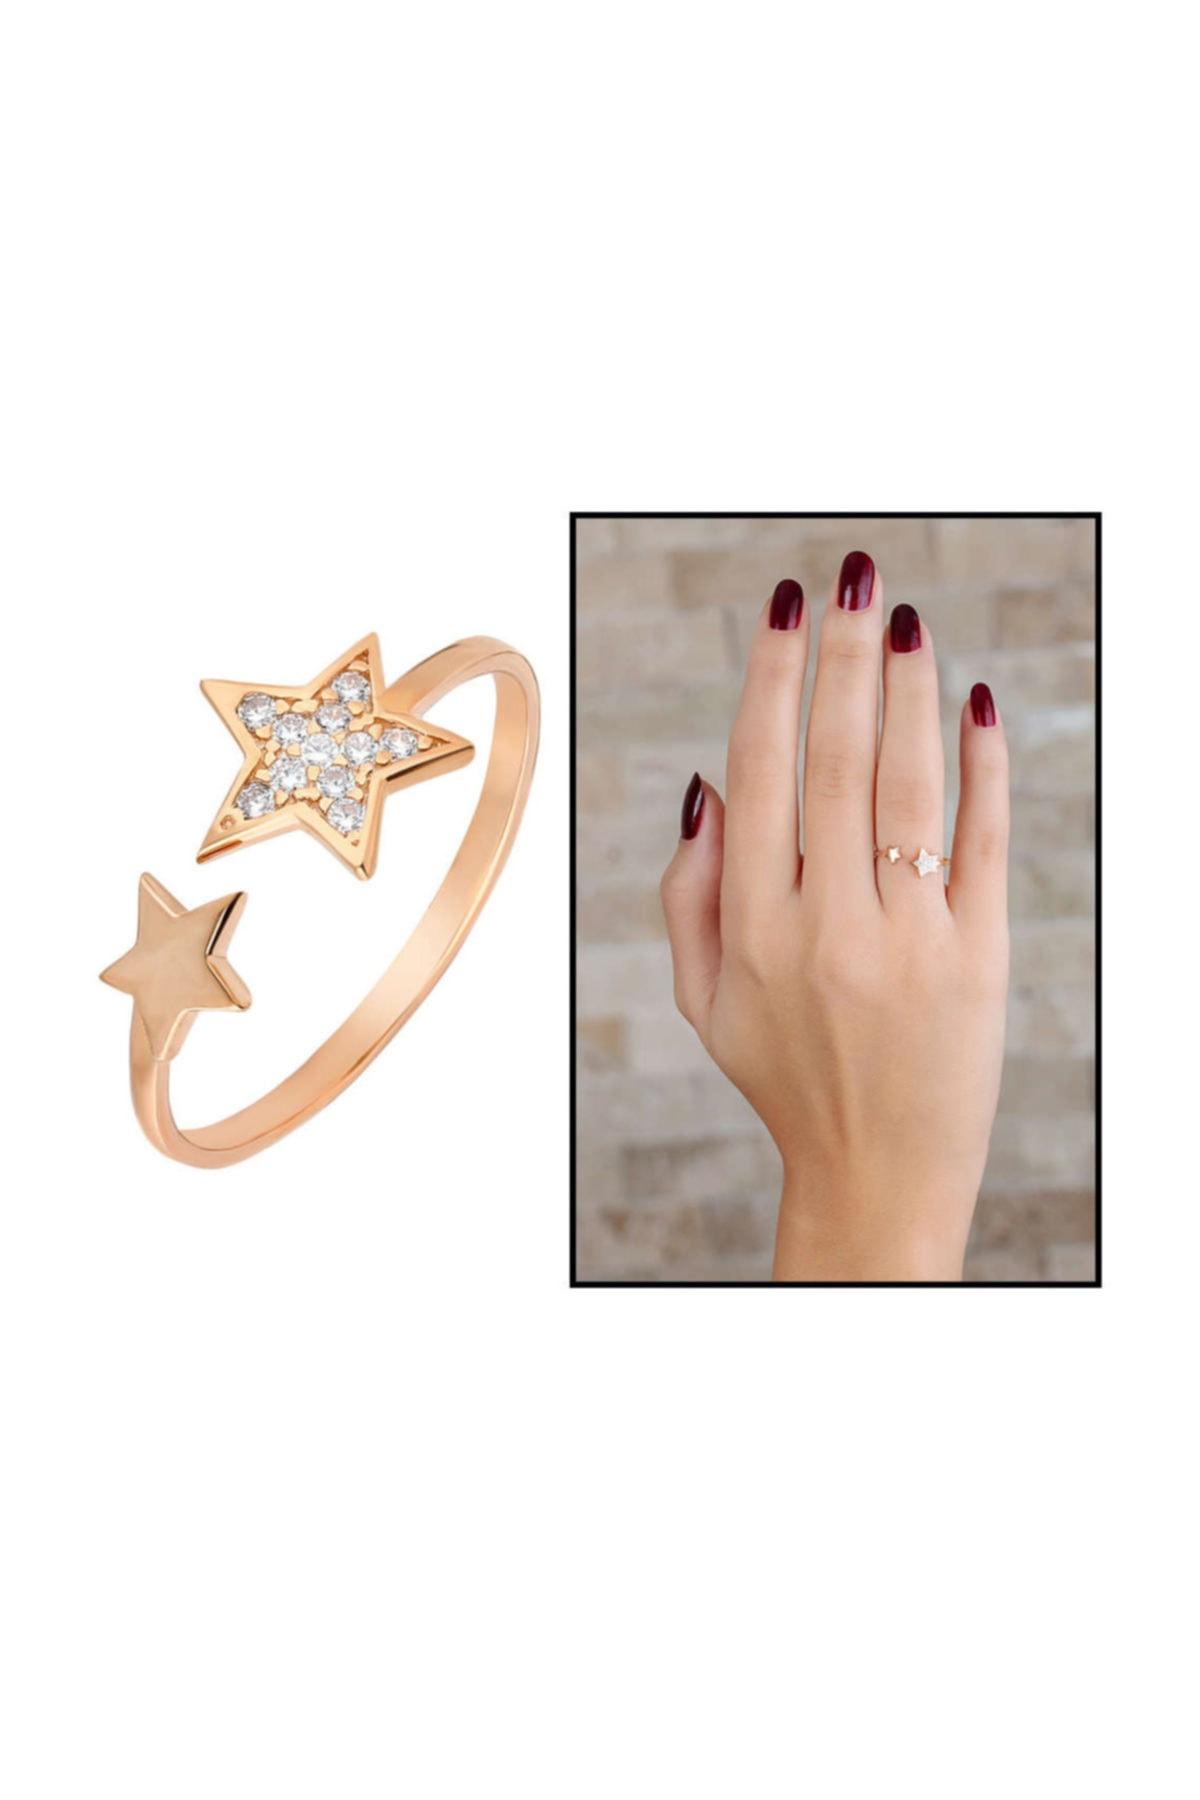 Tesbihane Zirkon Taşlı Yıldız Tasarım Rose Renk 925 Ayar Gümüş Bayan Yüzük 2